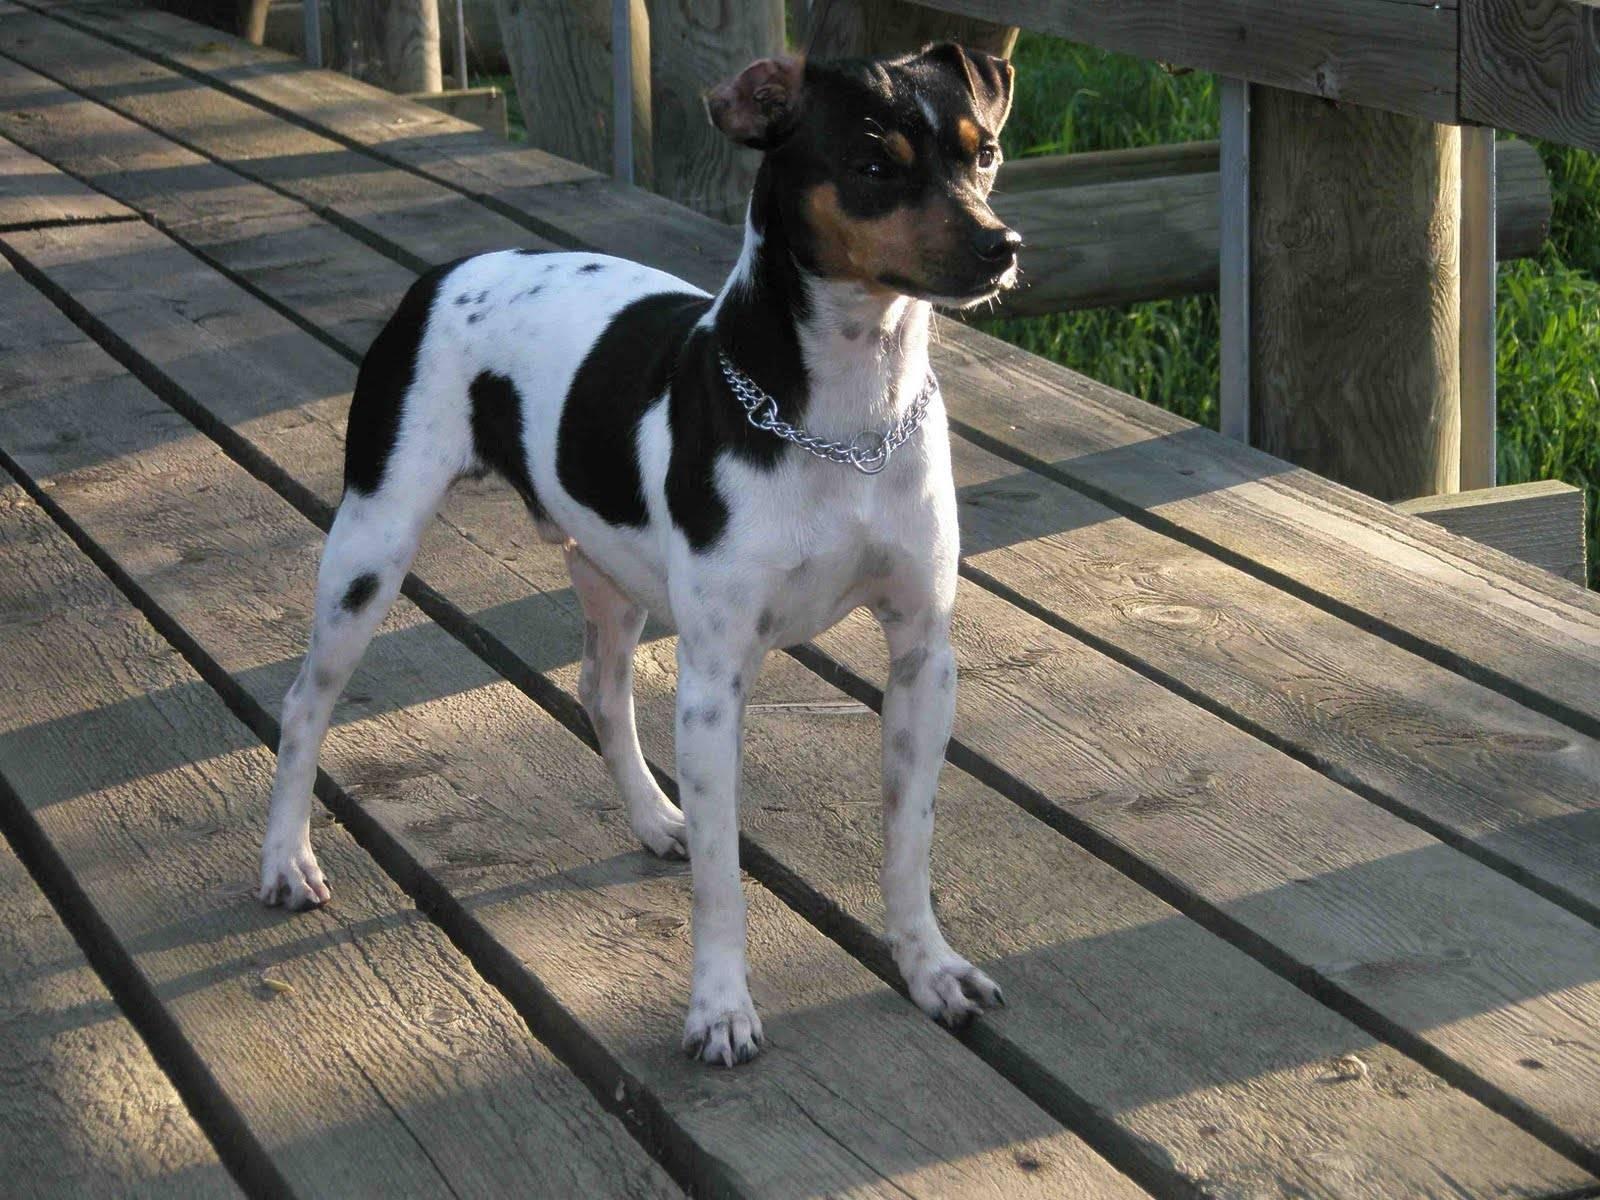 Фила бразилейро (бразильский мастиф): как выглядит собака на фото, описание породы и отзывы владельцев о характере питомца